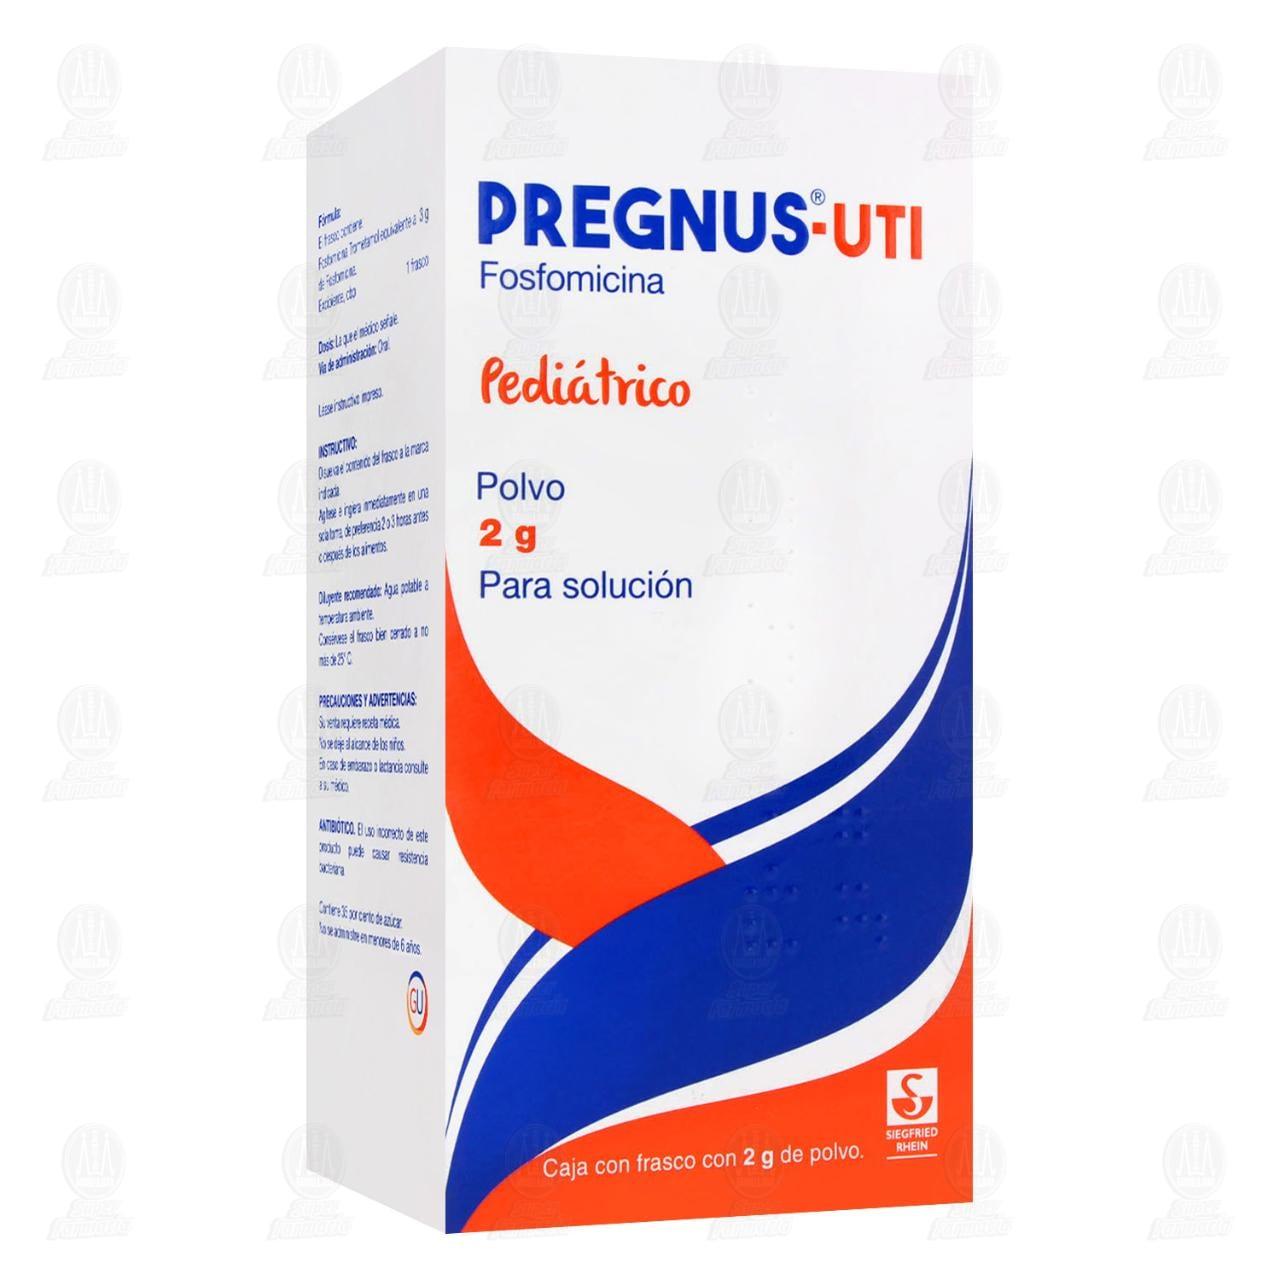 Comprar Pregnus-UTI Pediátrico 2gr Polvo para Solución en Farmacias Guadalajara